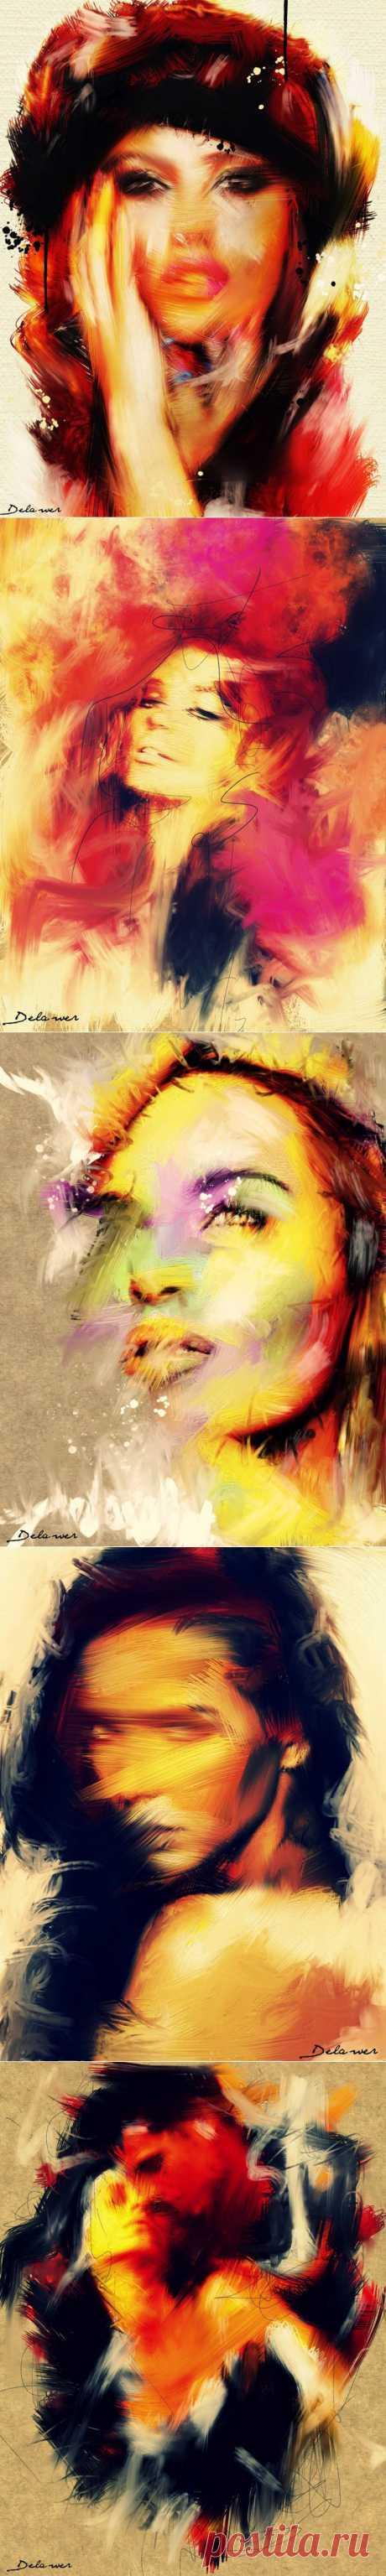 Творчество художника Delawer Omap.